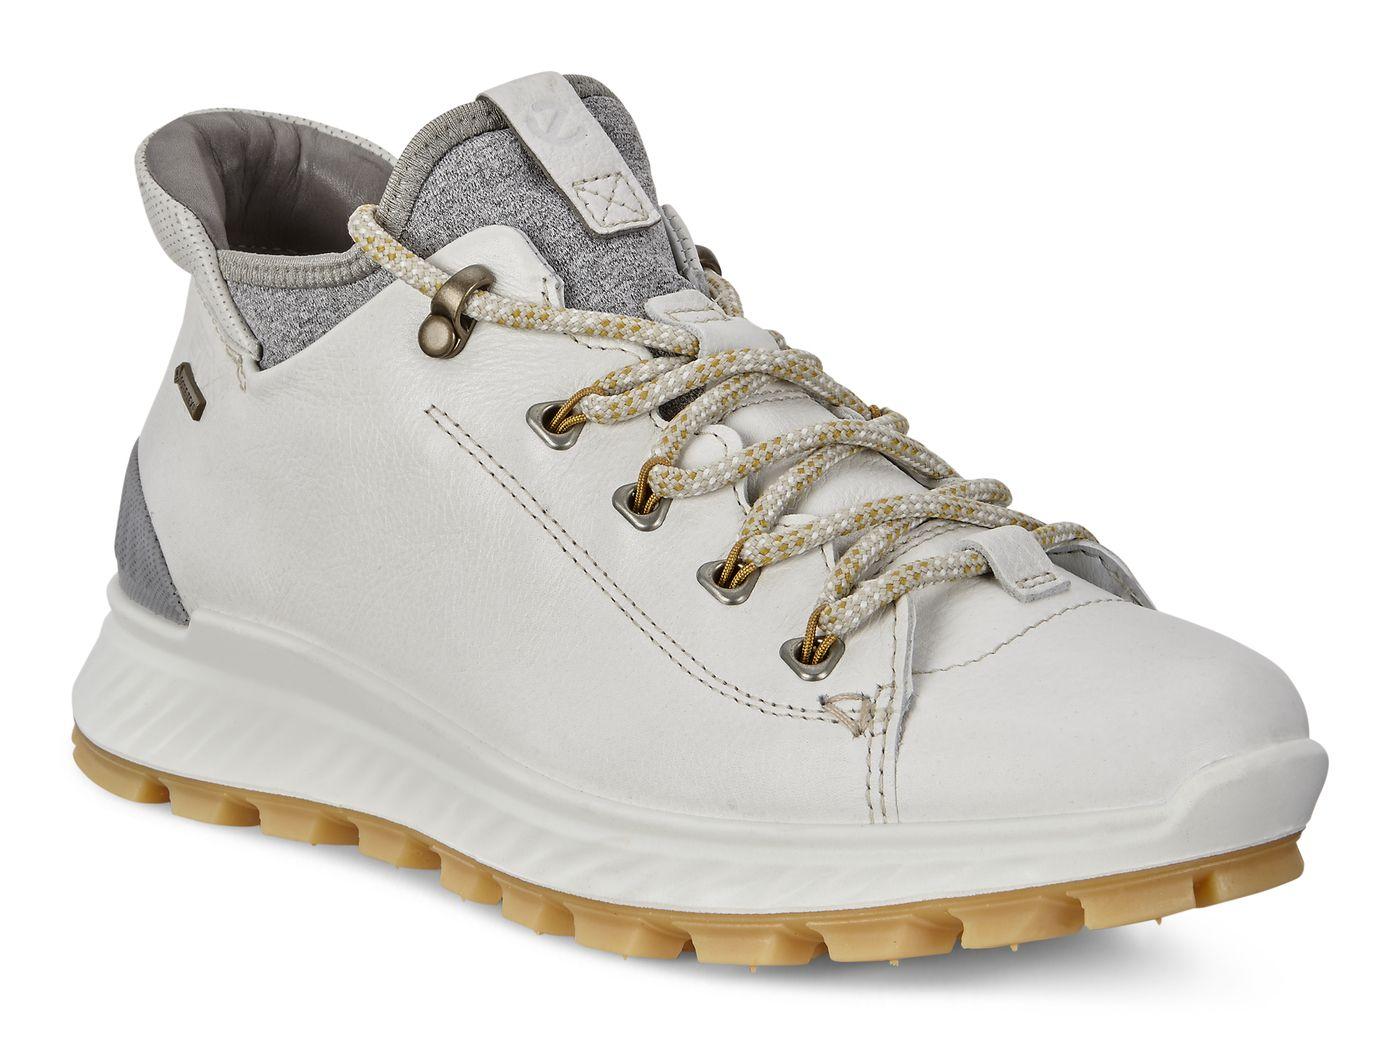 Ecco Exostrike Outdoor Shoe Ecco Shoes Women Women Shoes Ecco Shoes